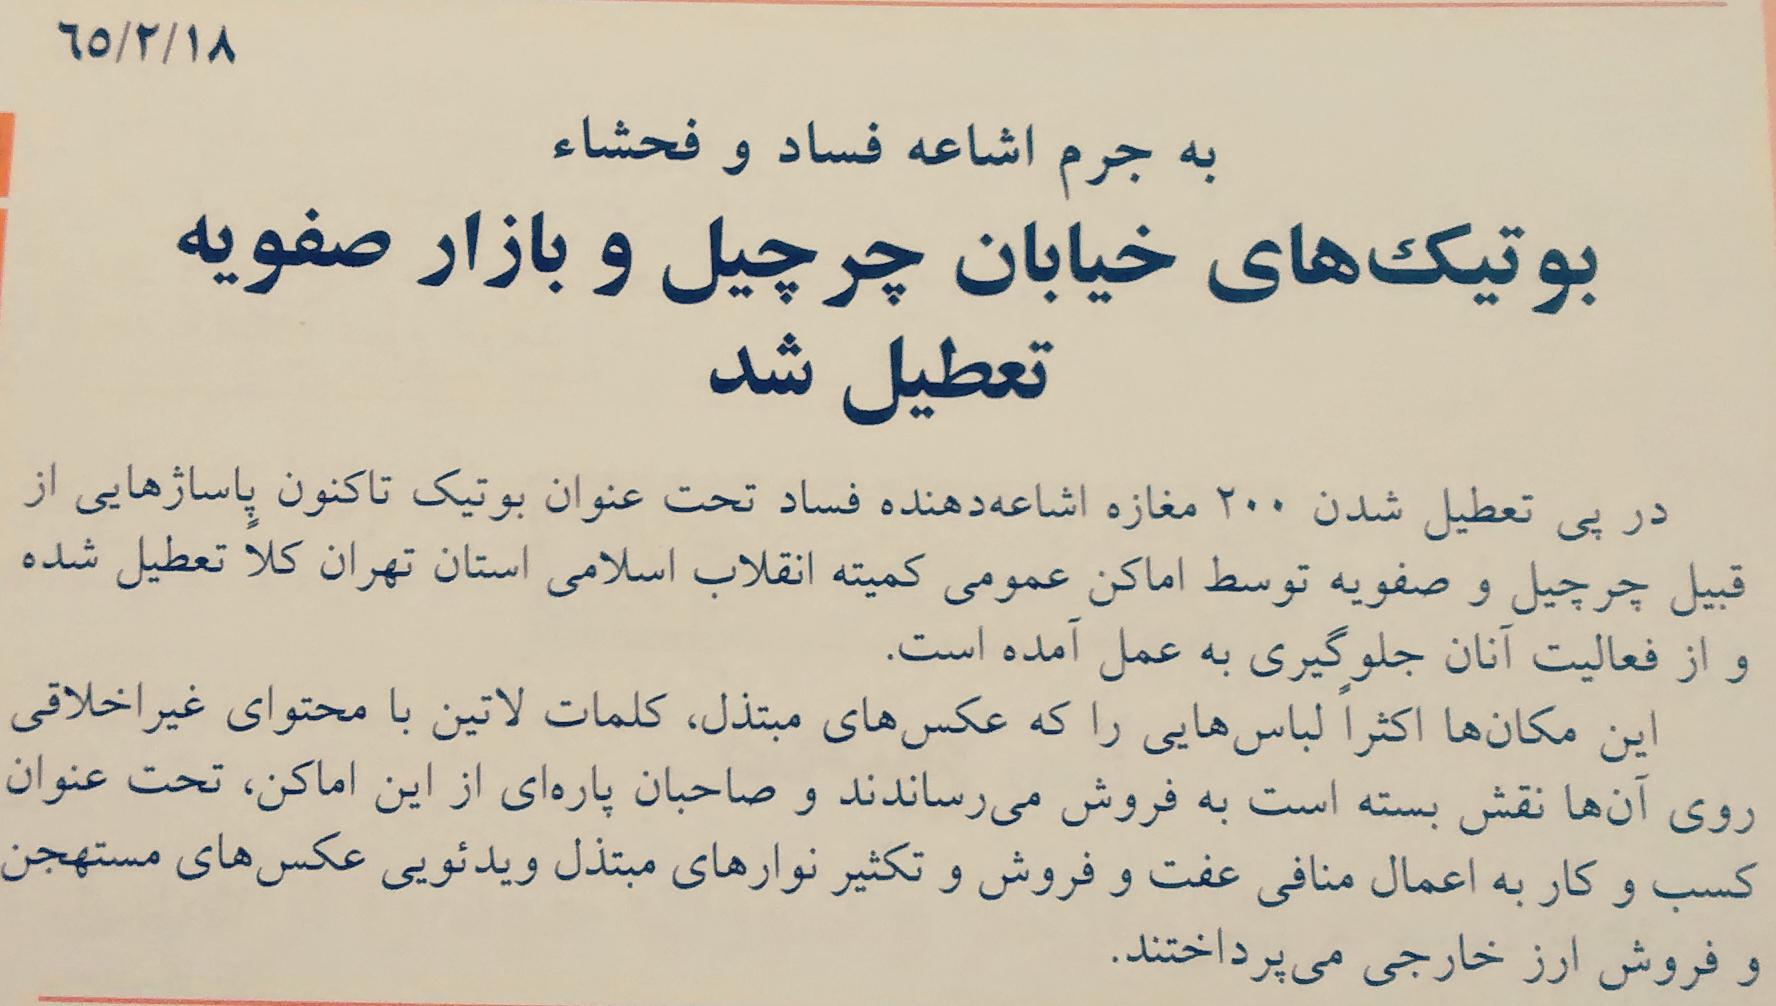 تعطیلی بوتیکهای تهران به جرم فساد و فحشا